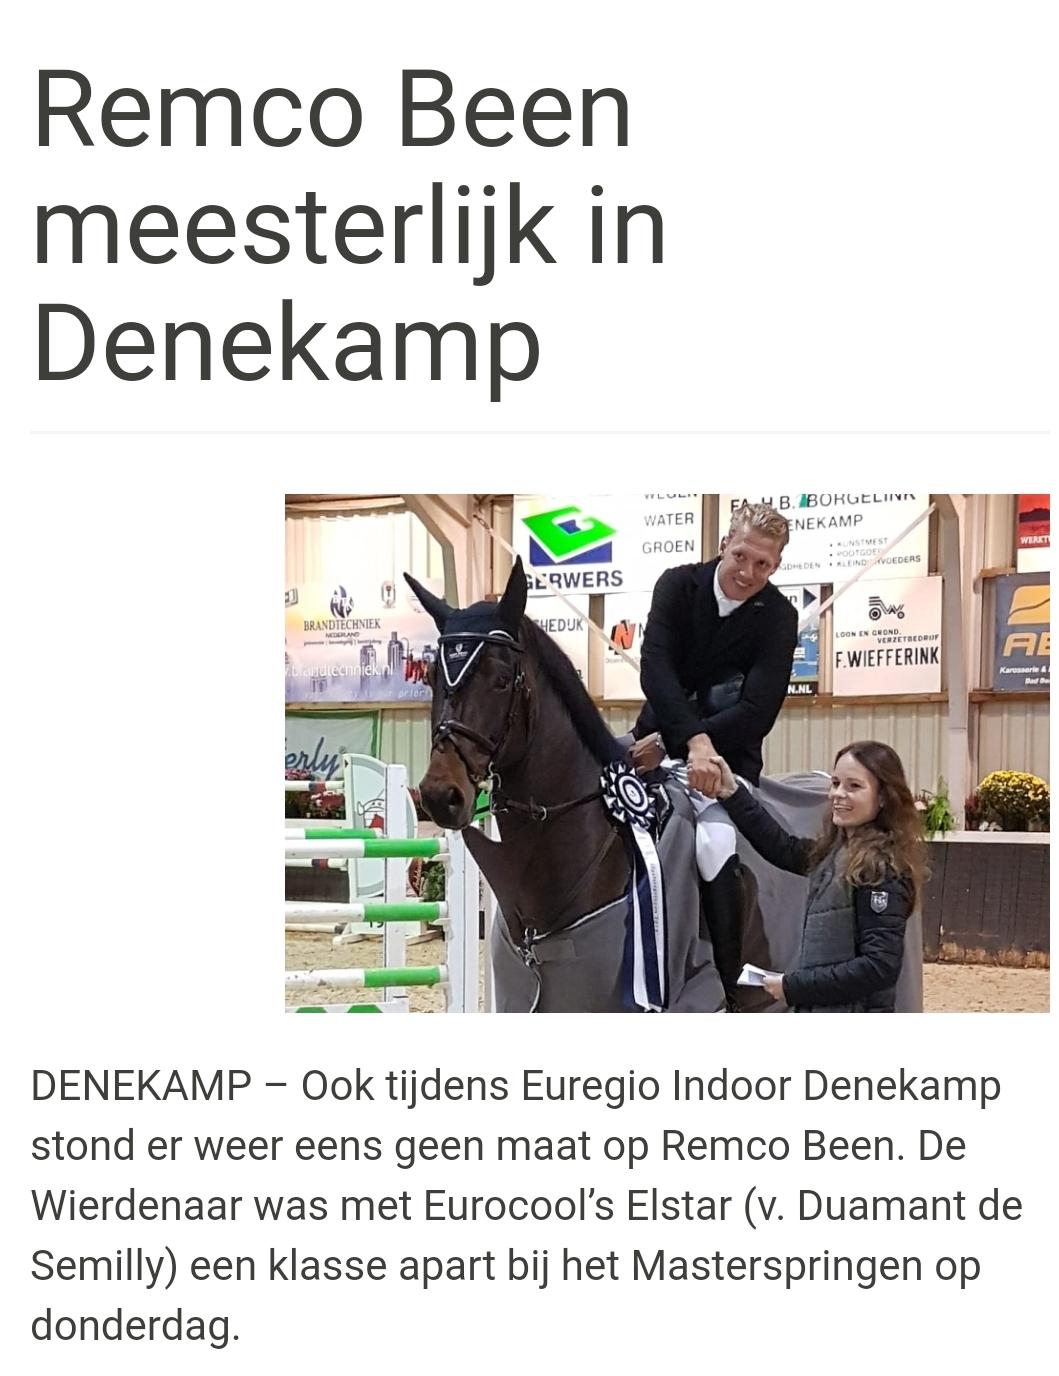 Eeurocool's Elstar met Remco Been